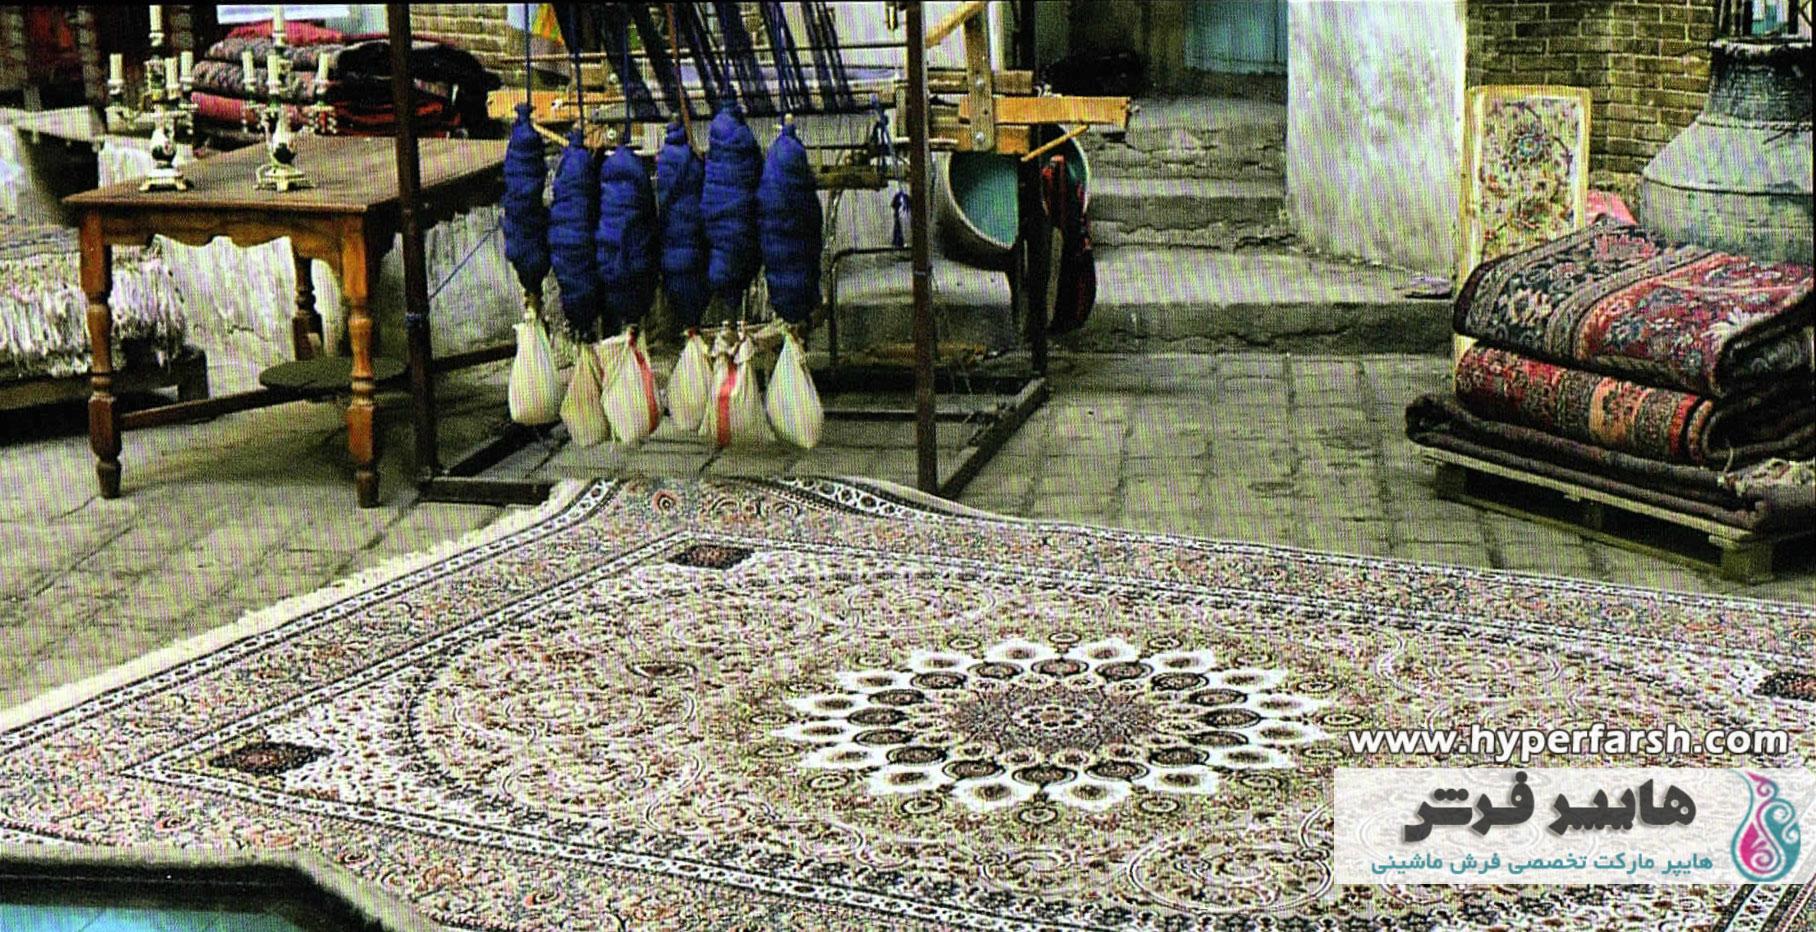 فرش شاهکار صفویه یا فرش ساتراپی